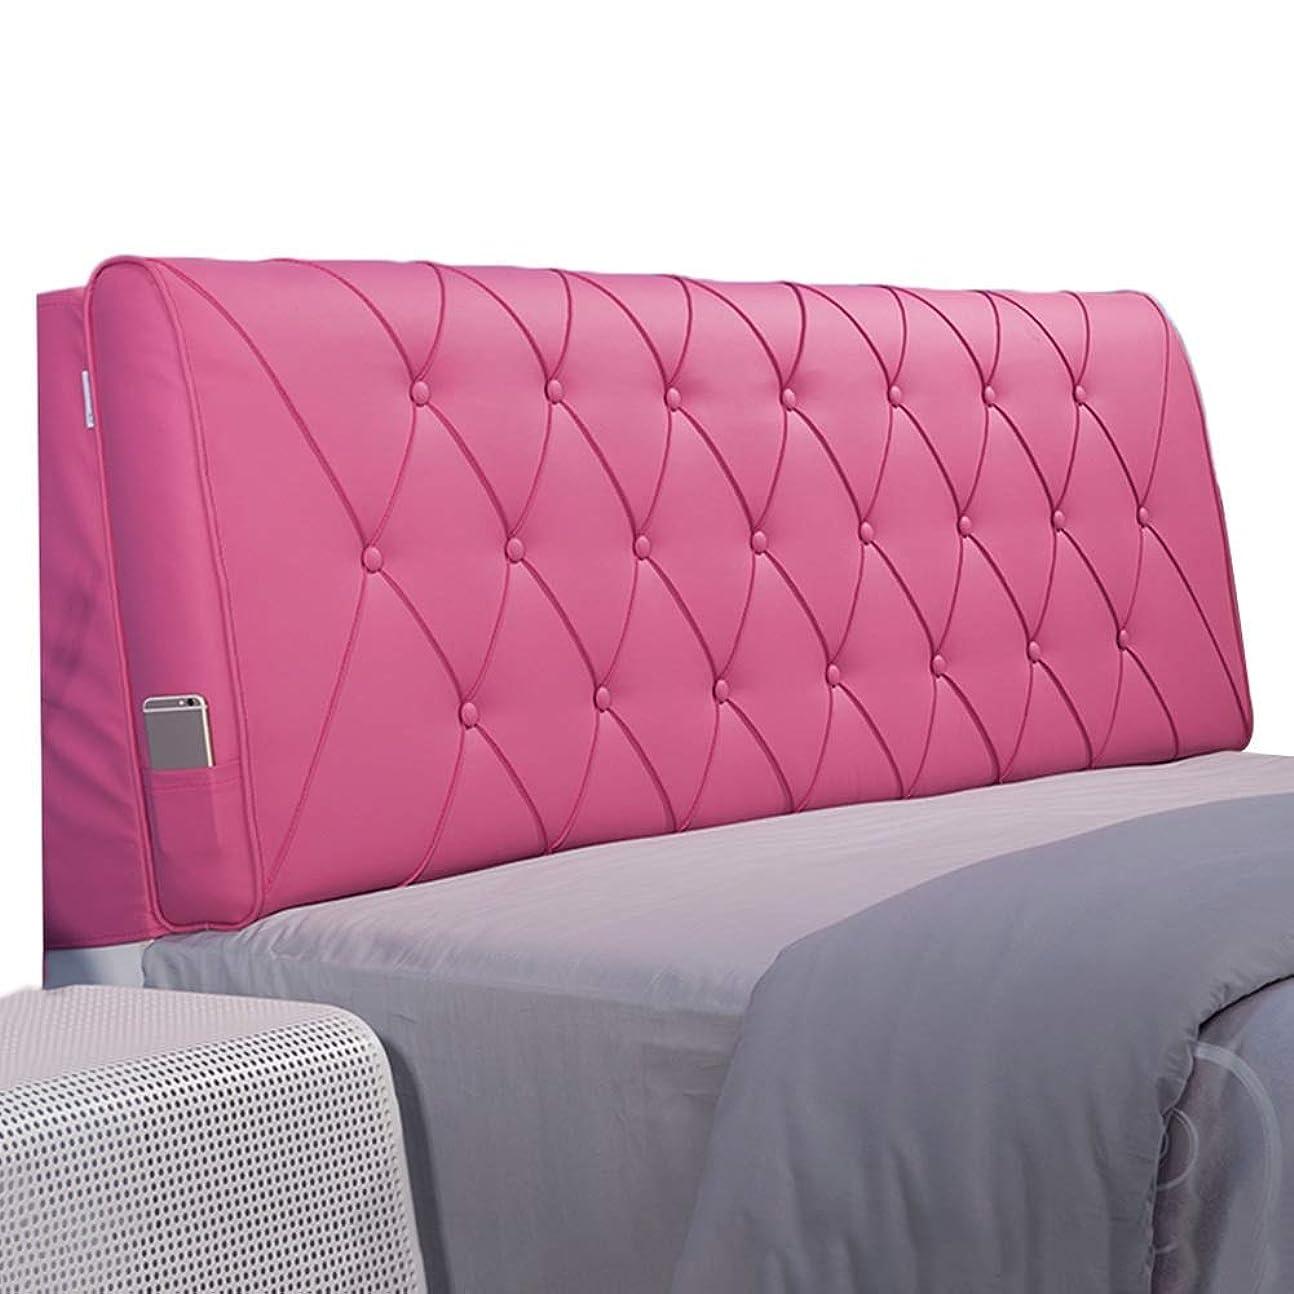 ありふれた添加剤促すWZBヘッドボードクッションシンプルスポンジアンチコリジョンピローアンチステイン防水読みやすい、4色、5サイズ(色:ピンク、サイズ:190x60x11cm)